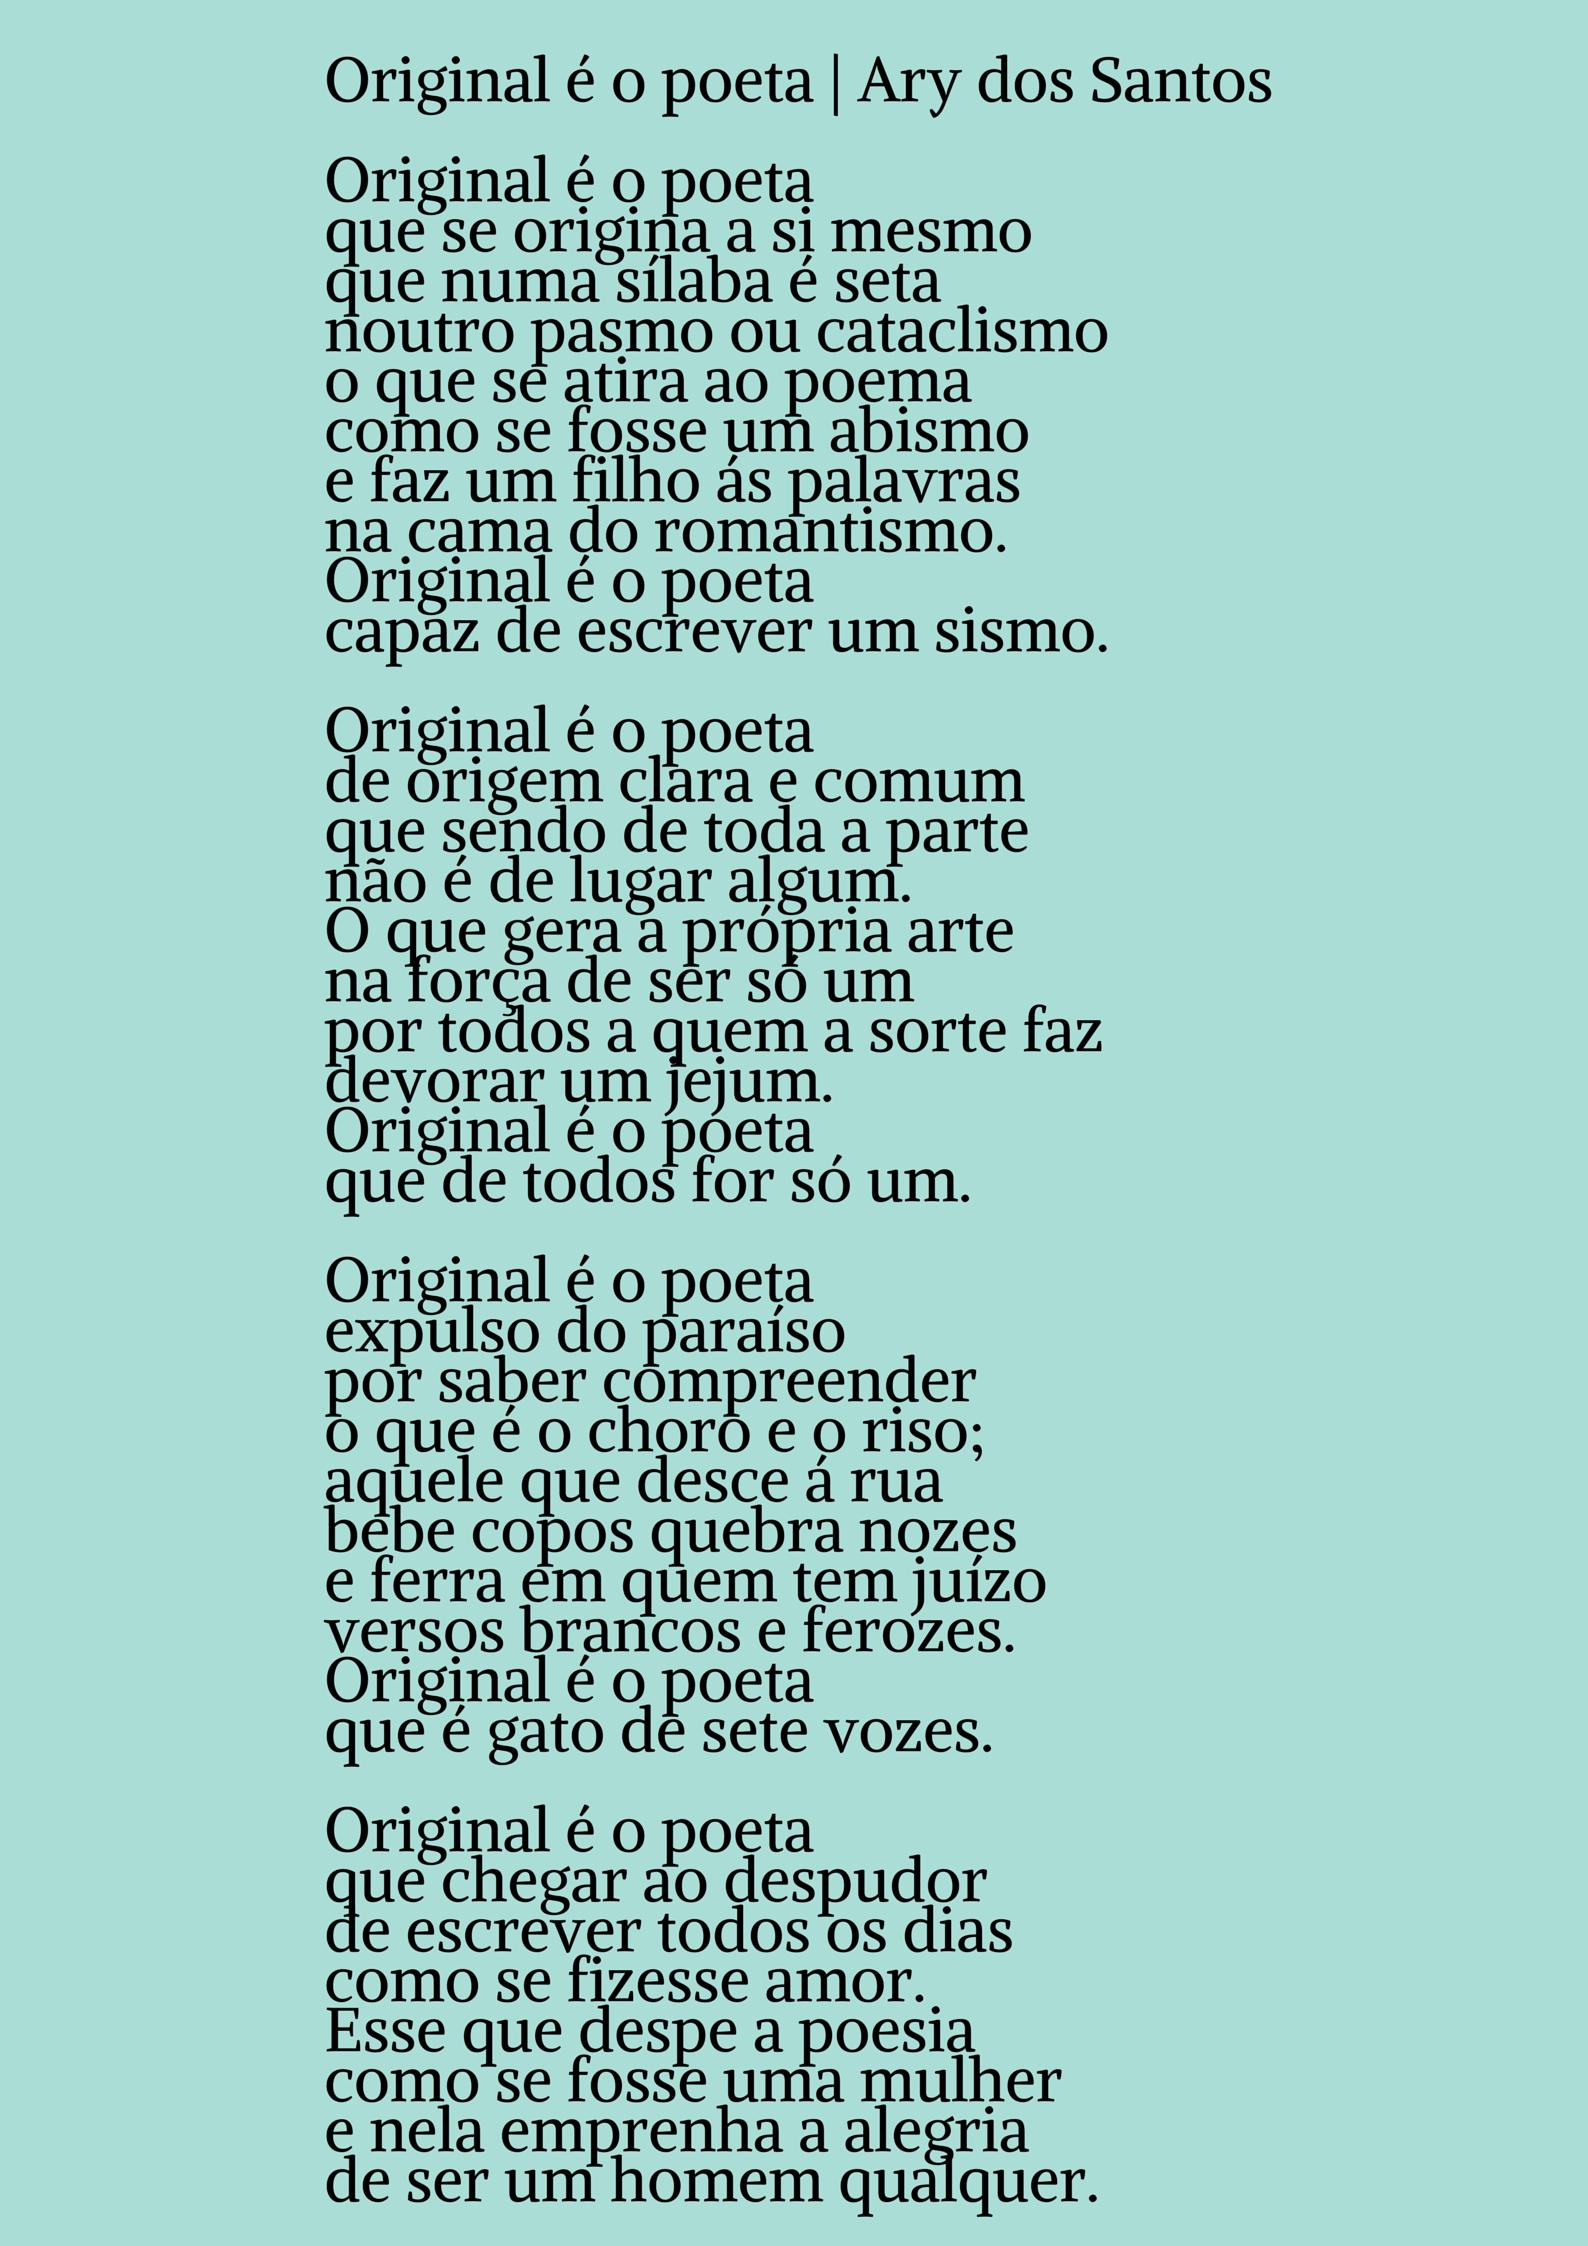 Ary dos Santos | Poema: Original é o poeta